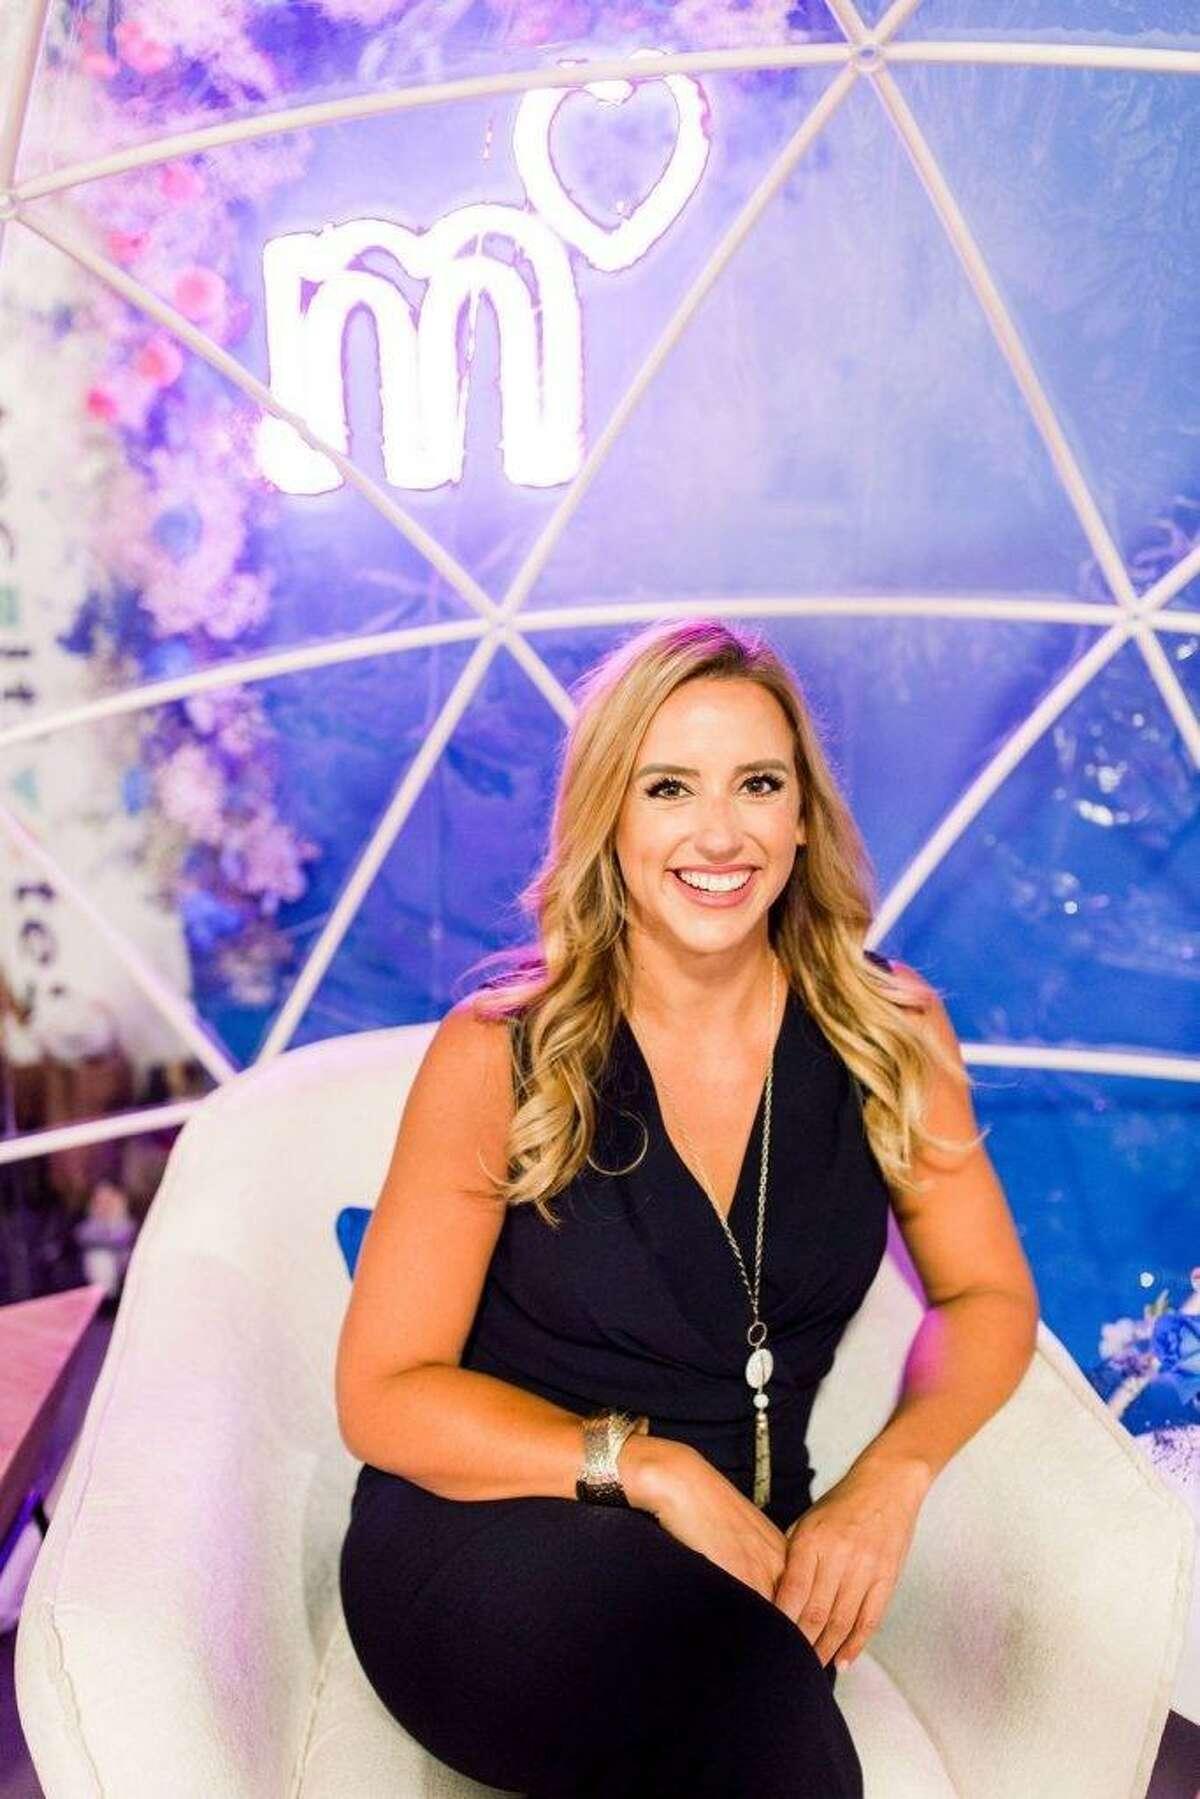 Match Chief Dating Expert Rachel DeAlto